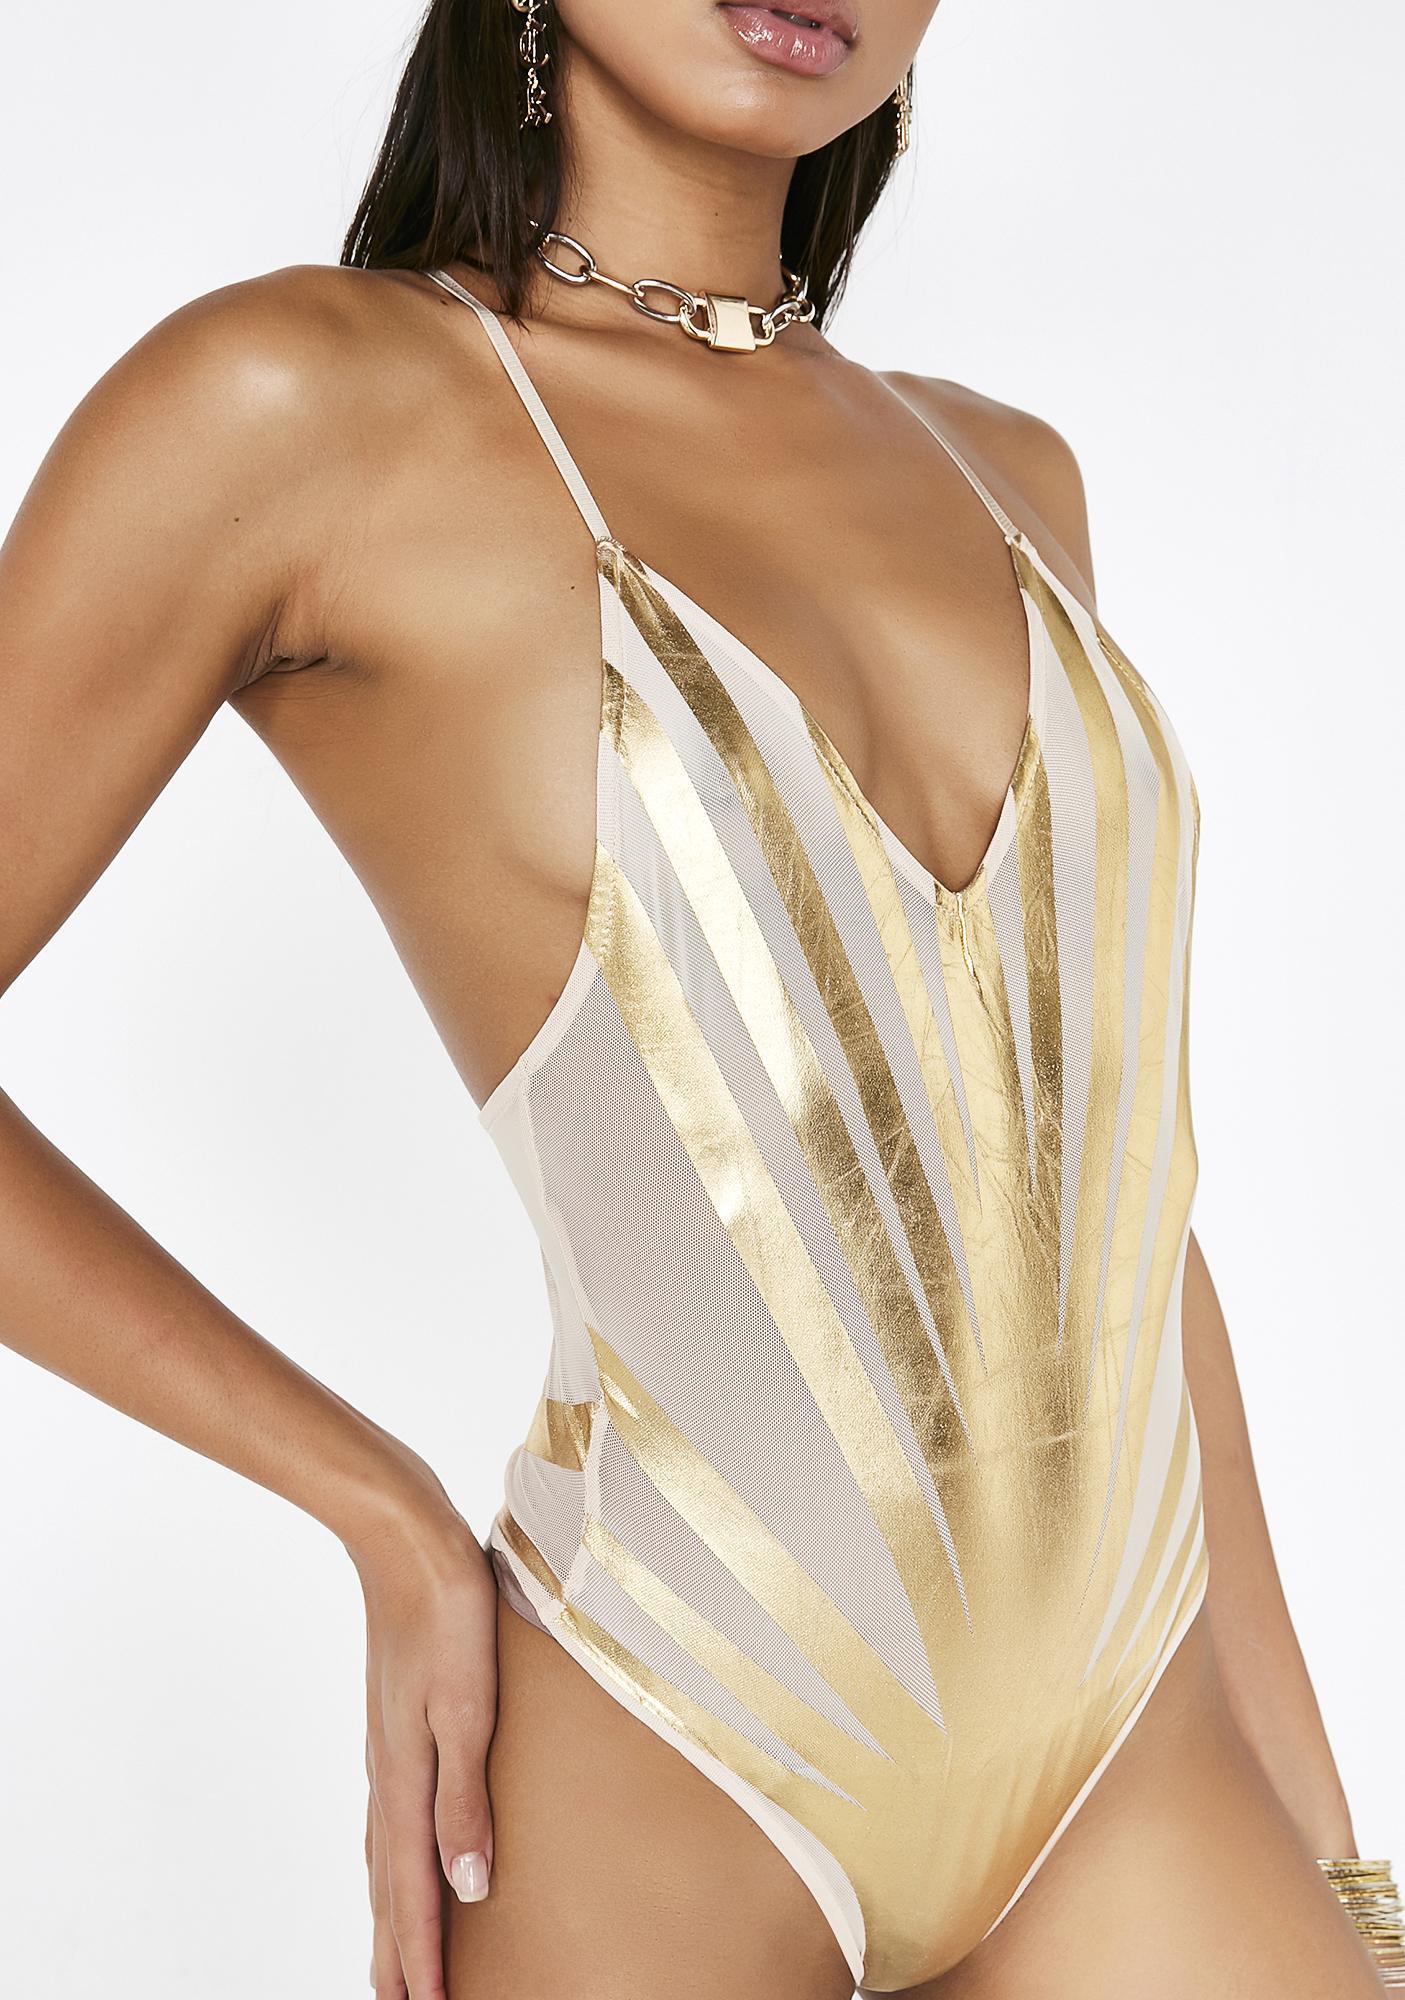 Poster Grl Gilded Starburst Mesh Bodysuit